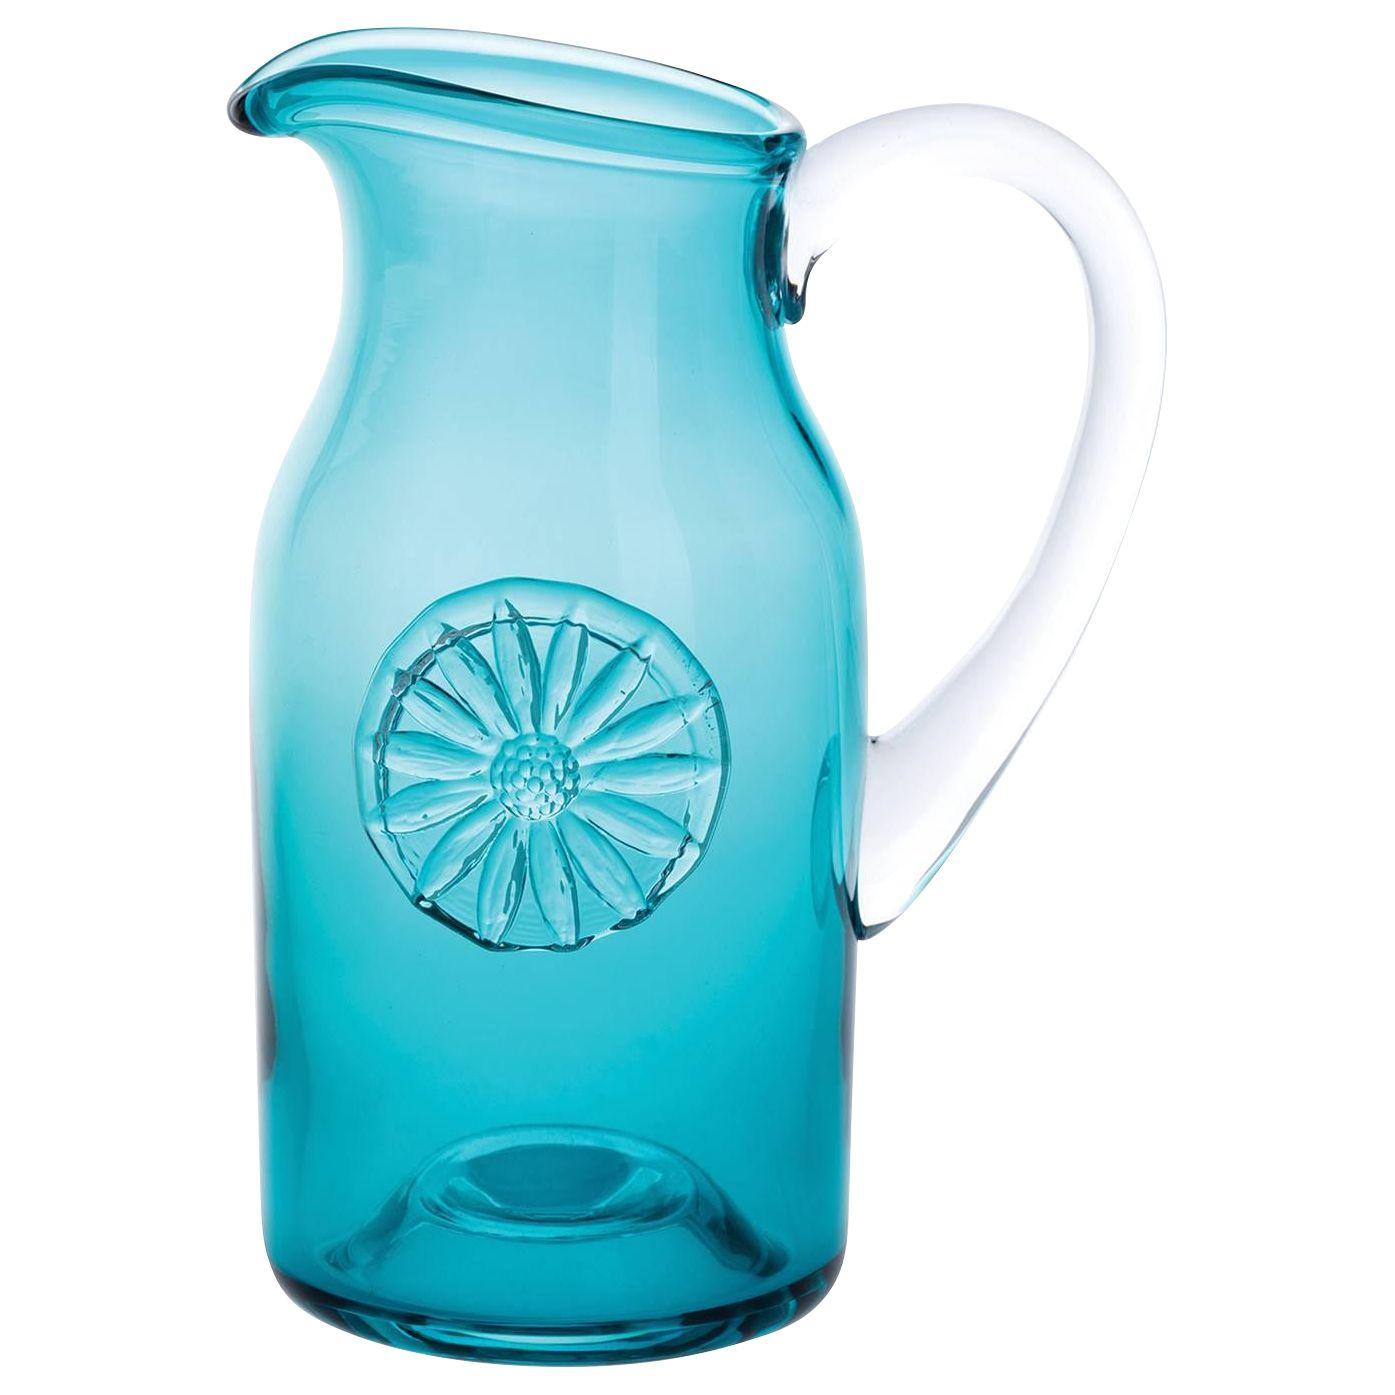 Dartington Crystal Dartington Crystal Daisy Flower Bottle Vase, Teal, H18cm